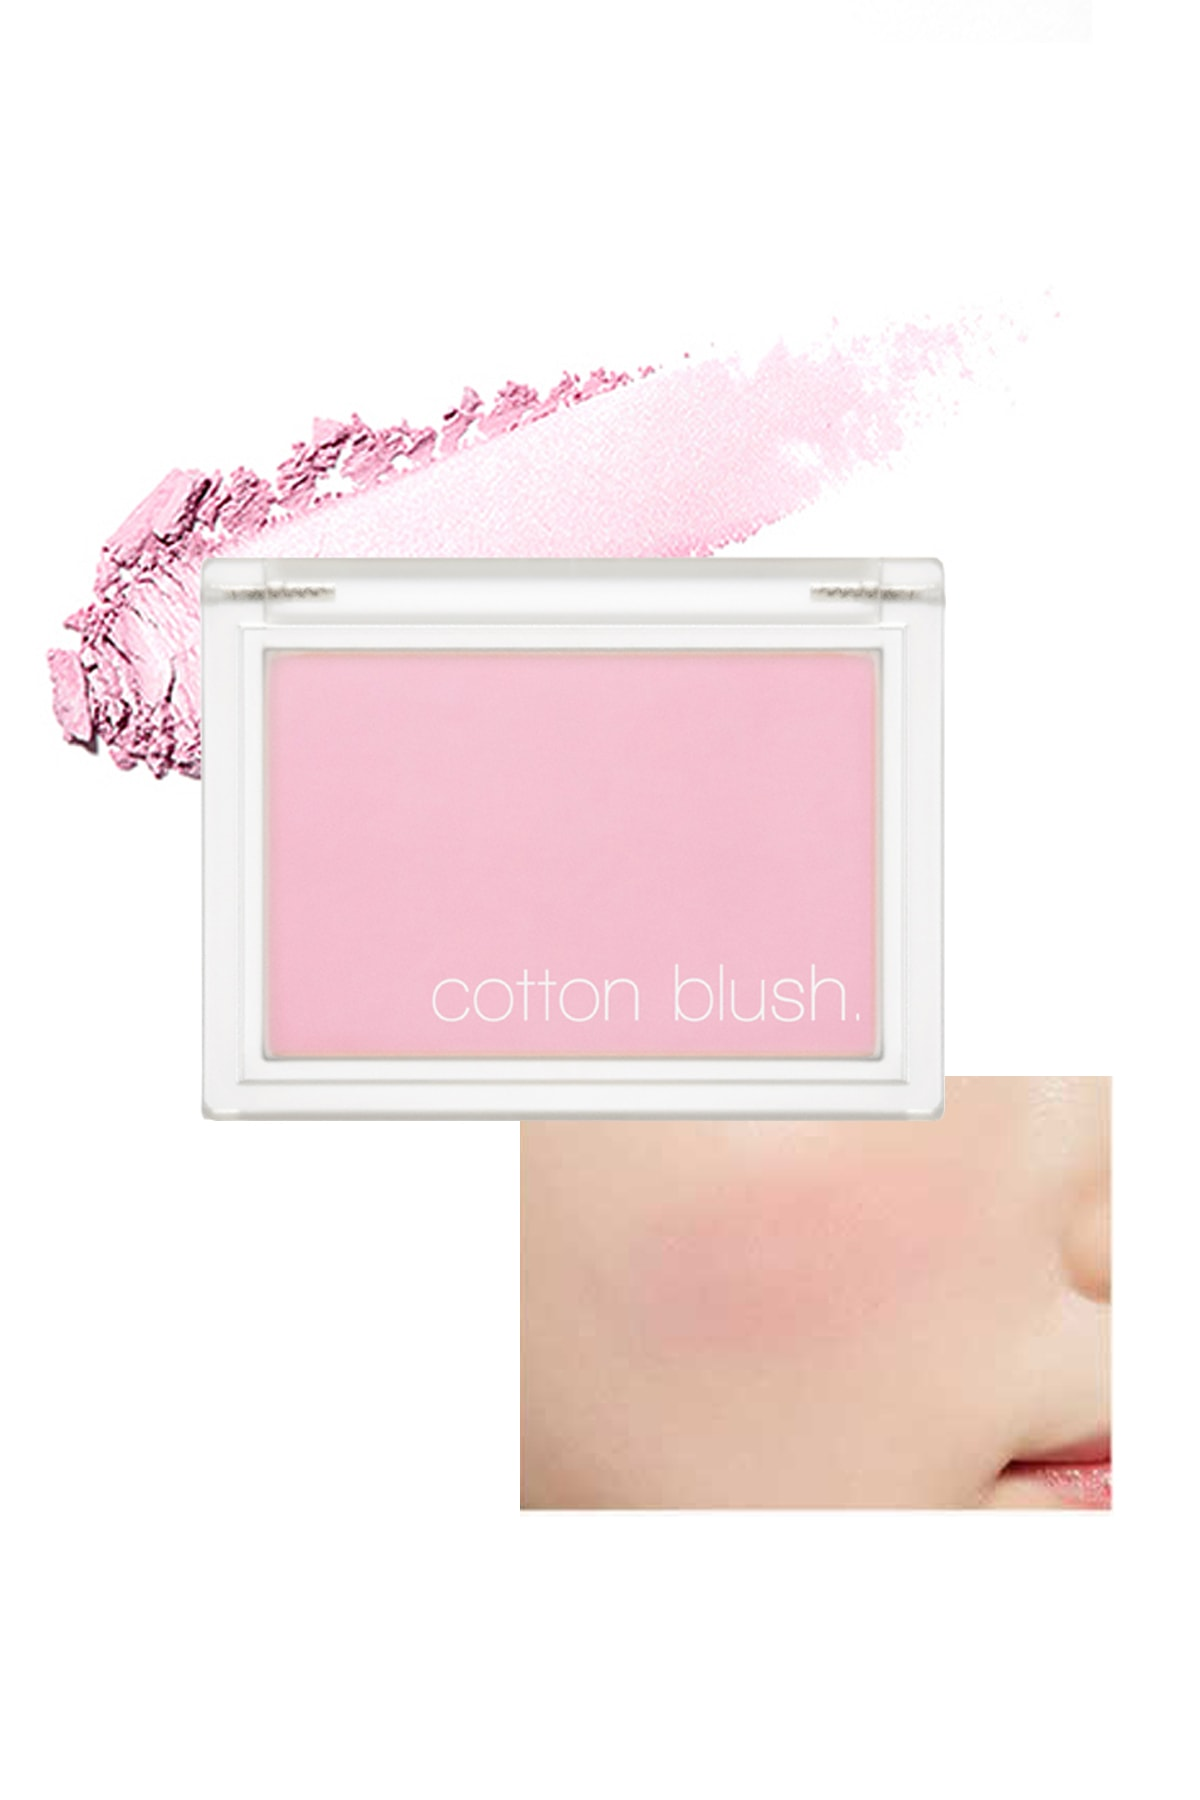 Missha Yumuşak Dokulu Kolay Sürülebilen Allık Cotton Blusher (Lavender Perfume) 0